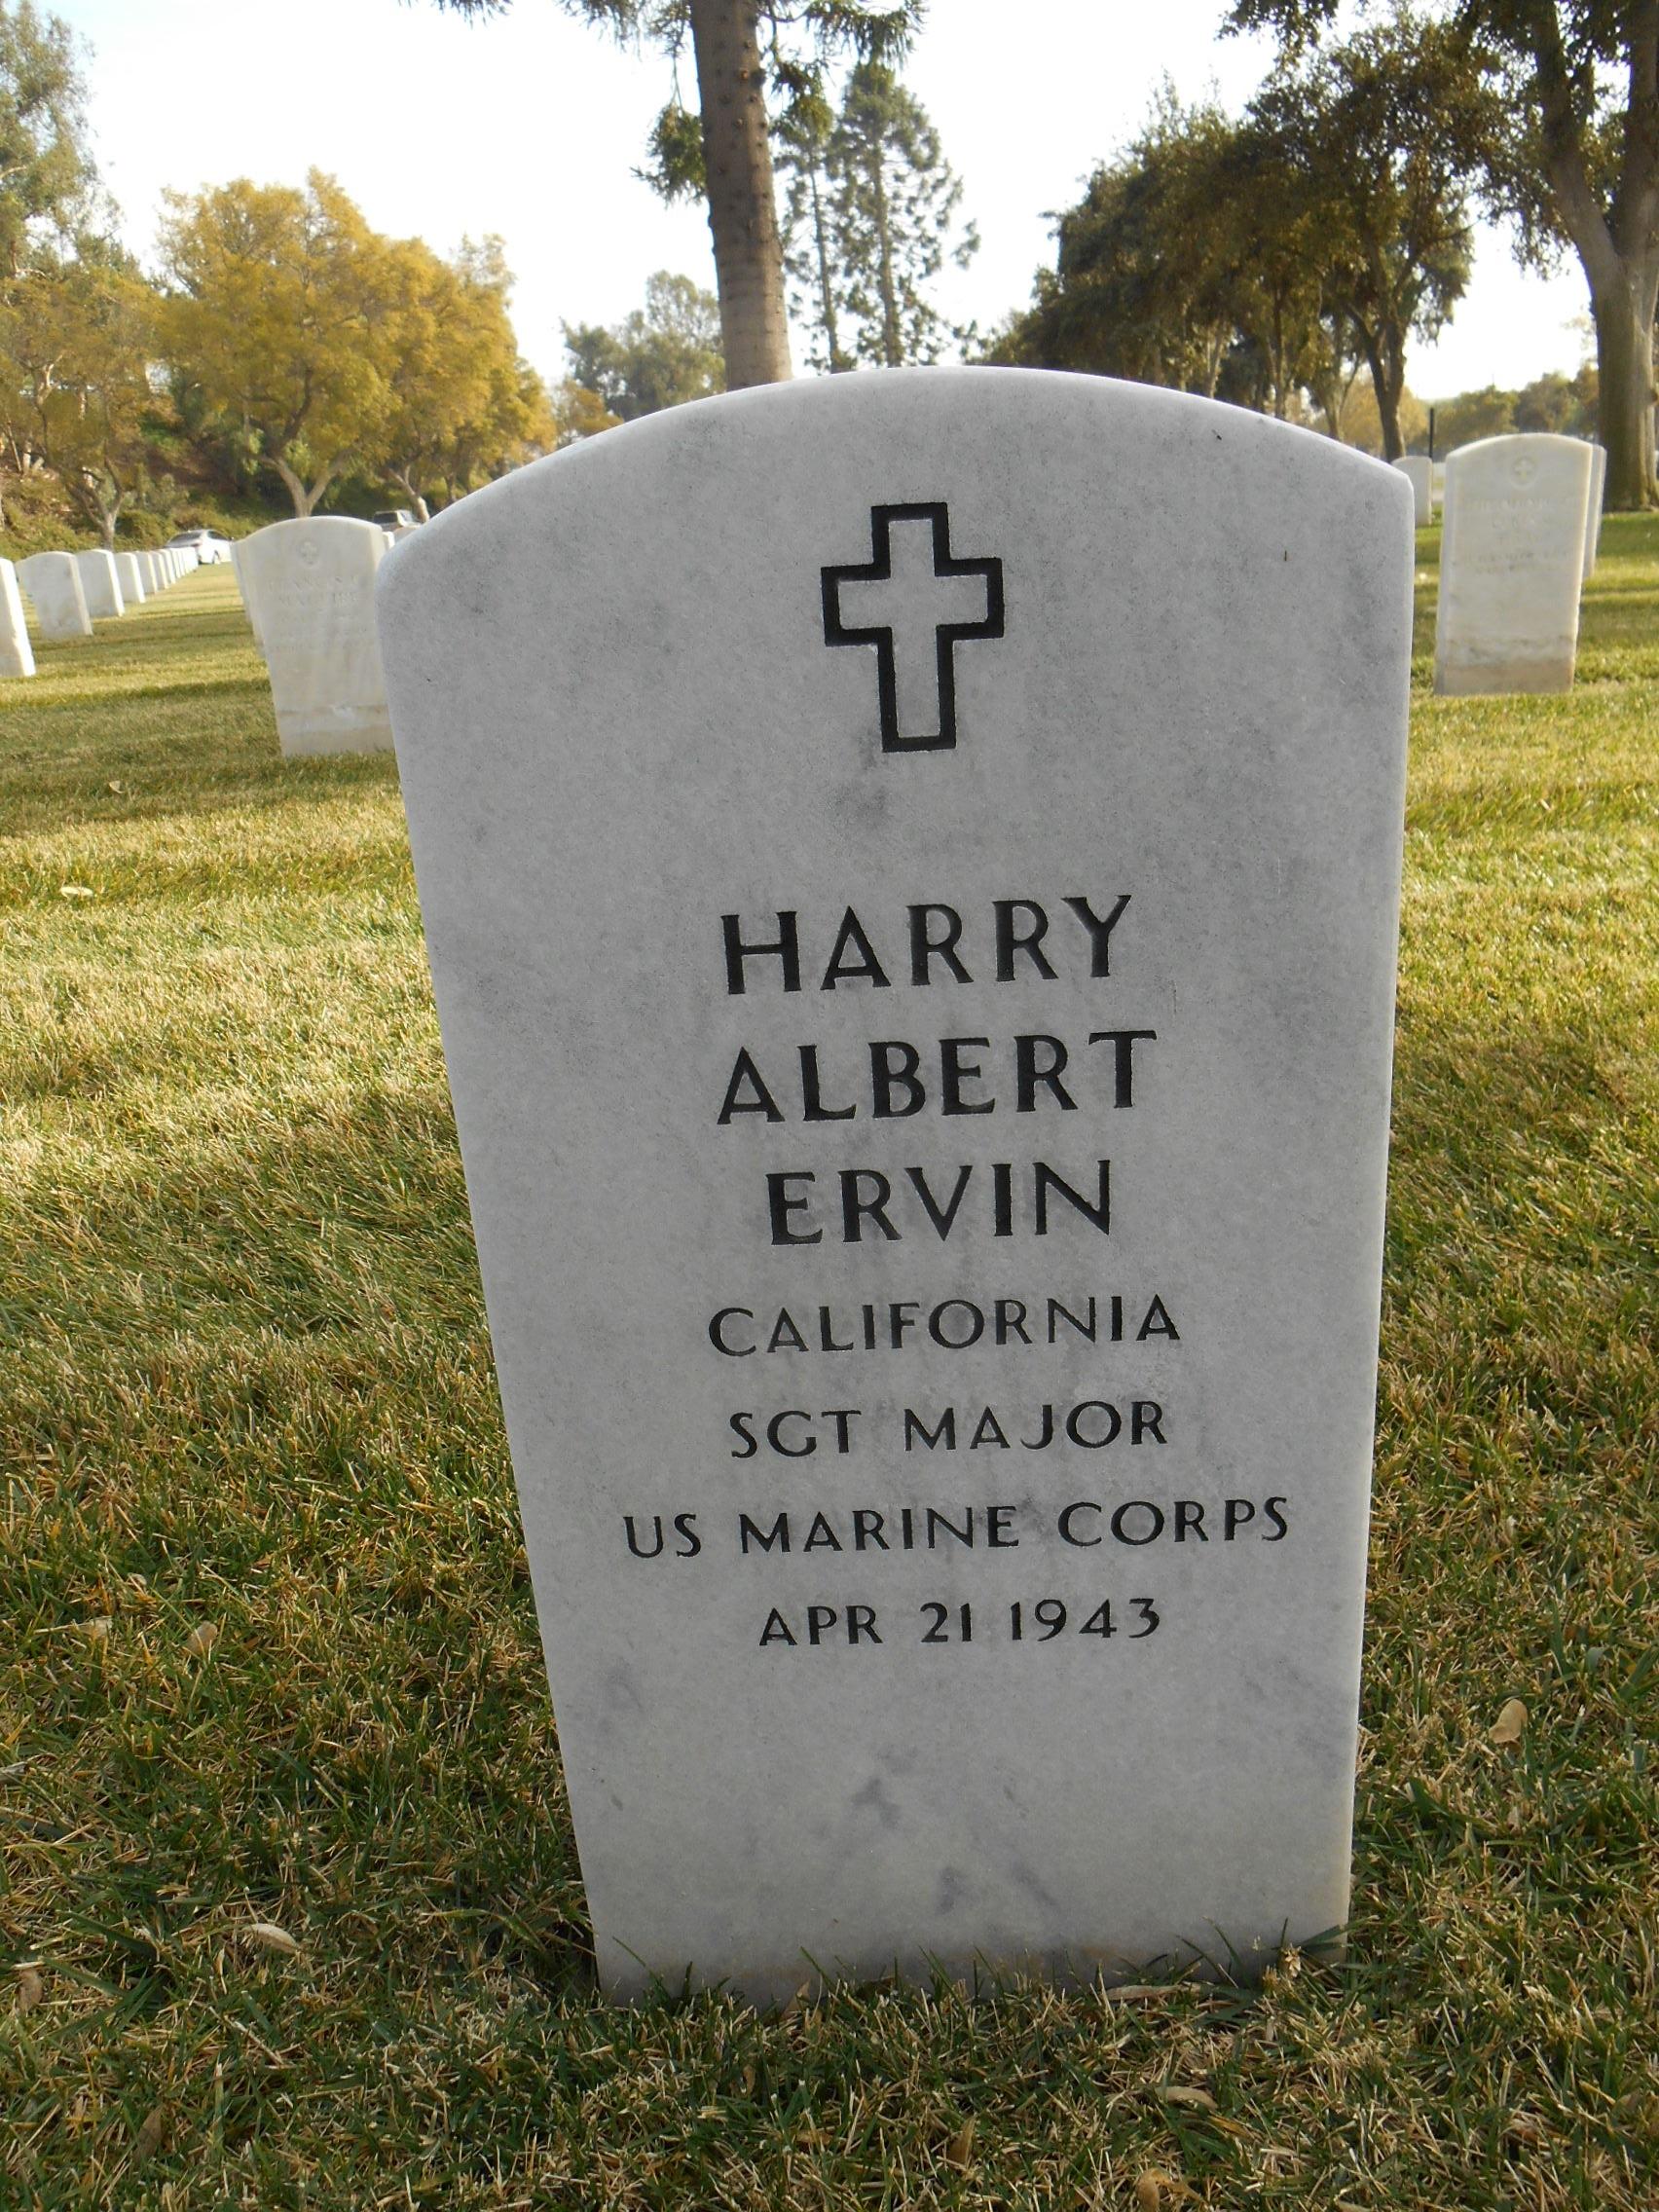 Harry Albert Ervin